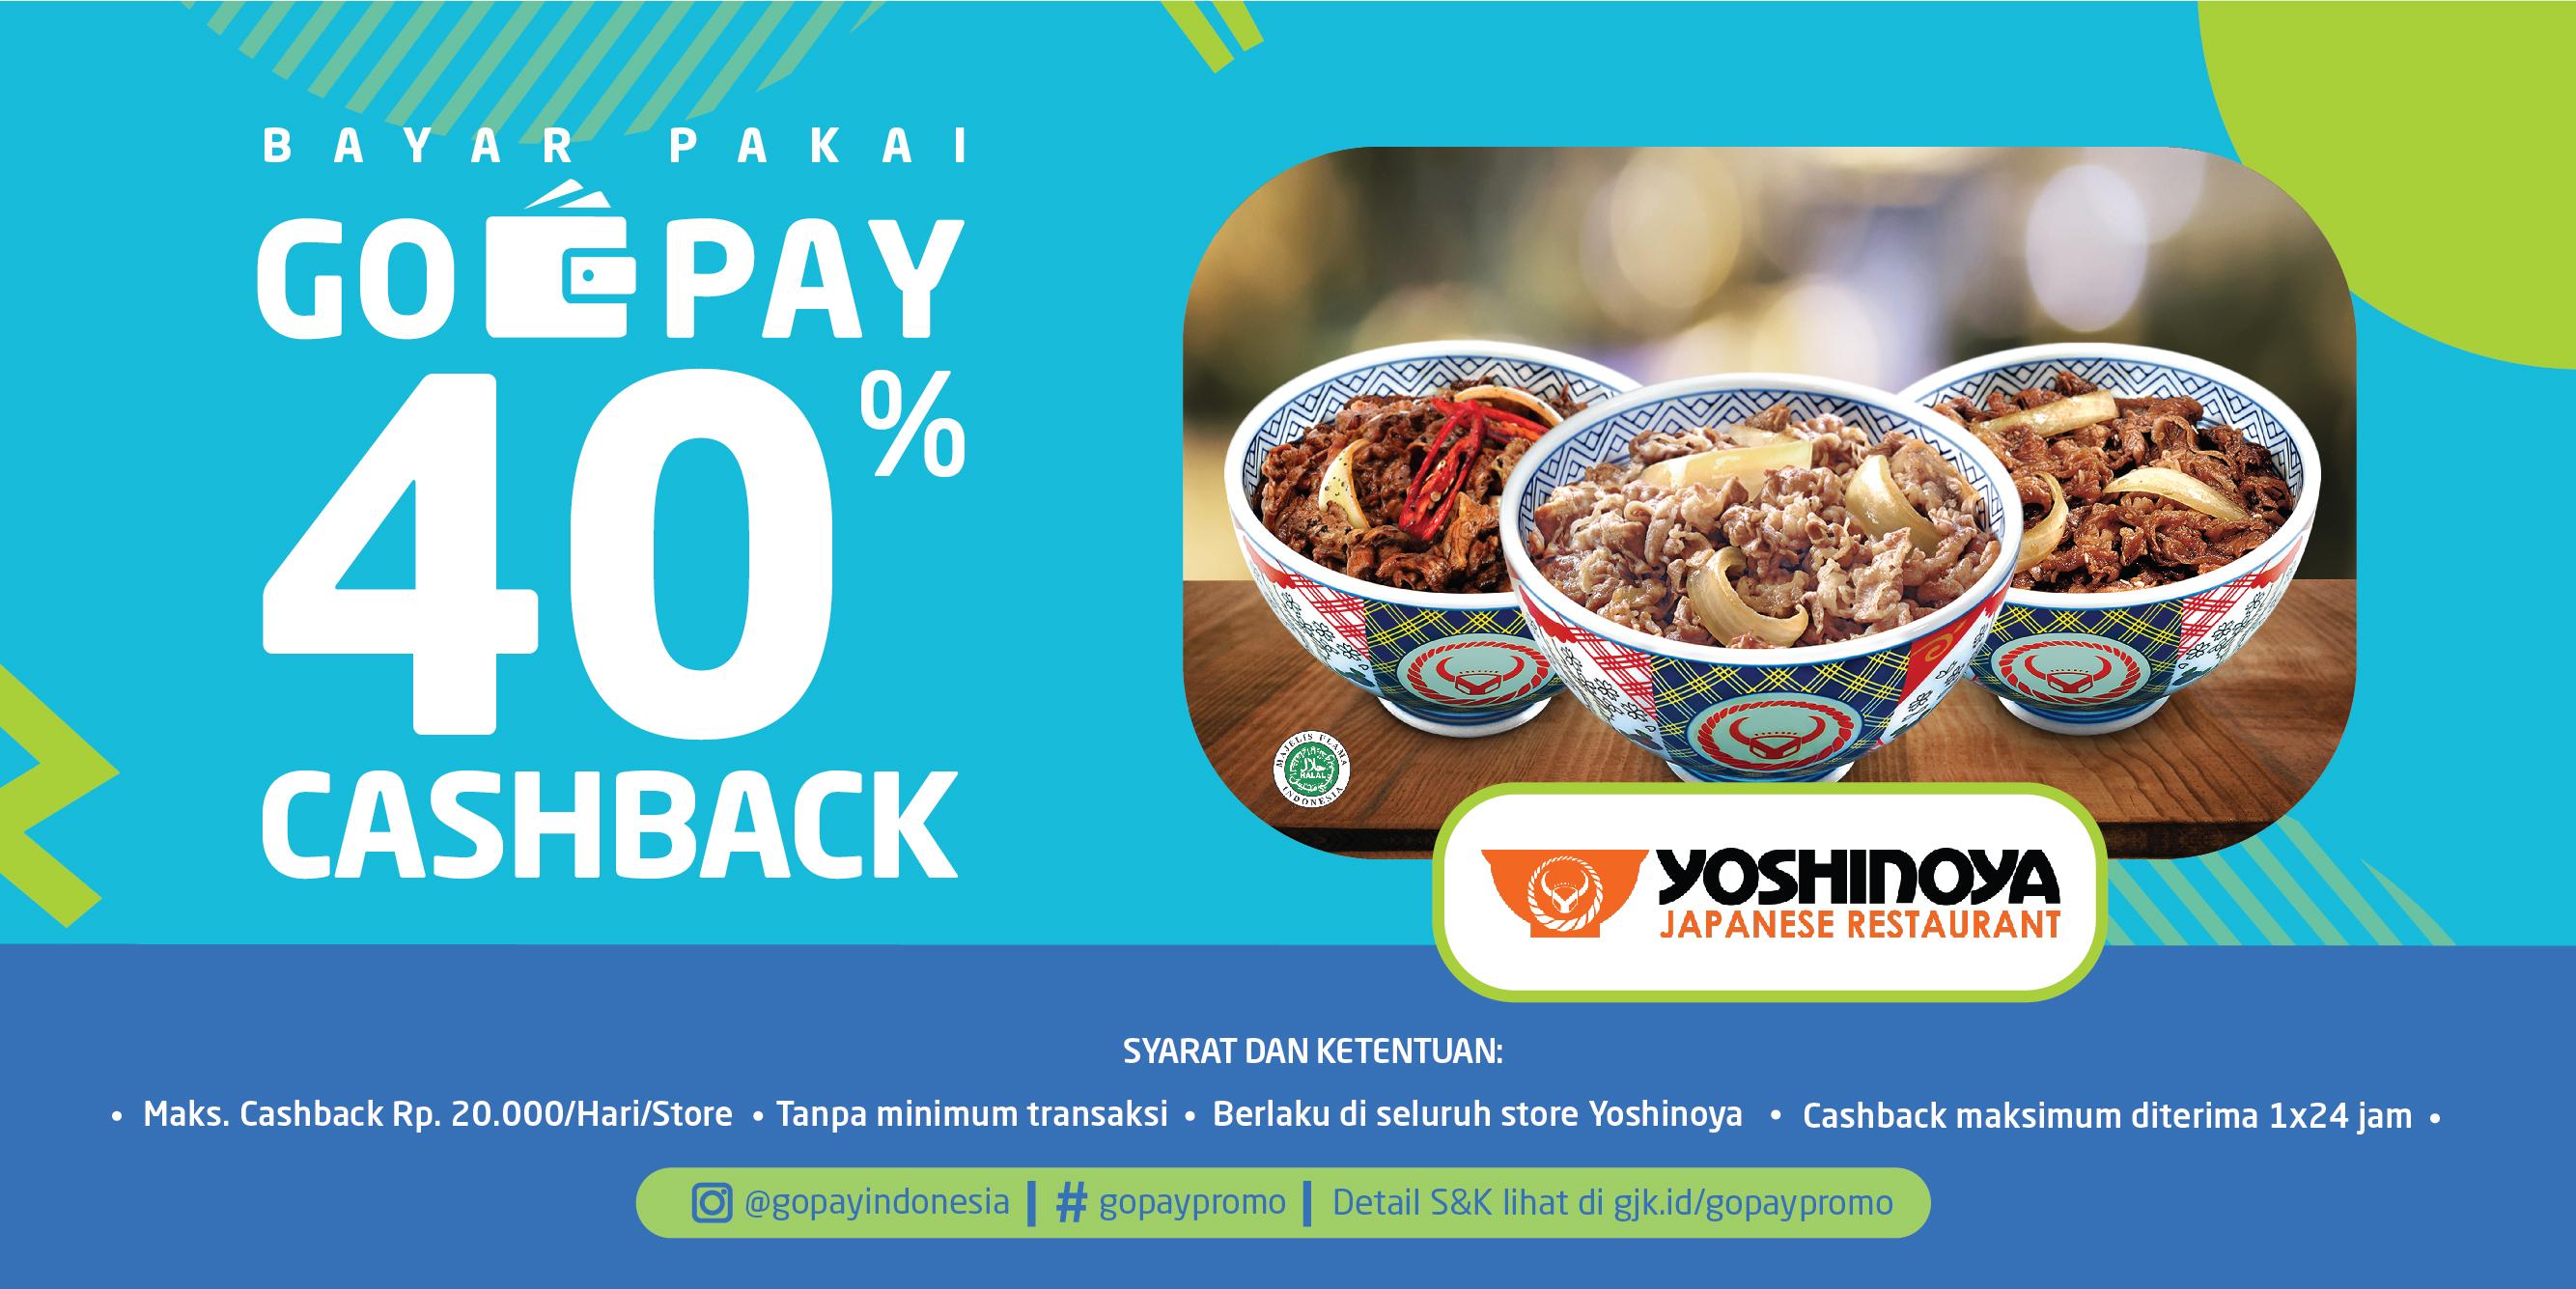 Promo Yoshinoya Desember 2018: Cashback 40%!